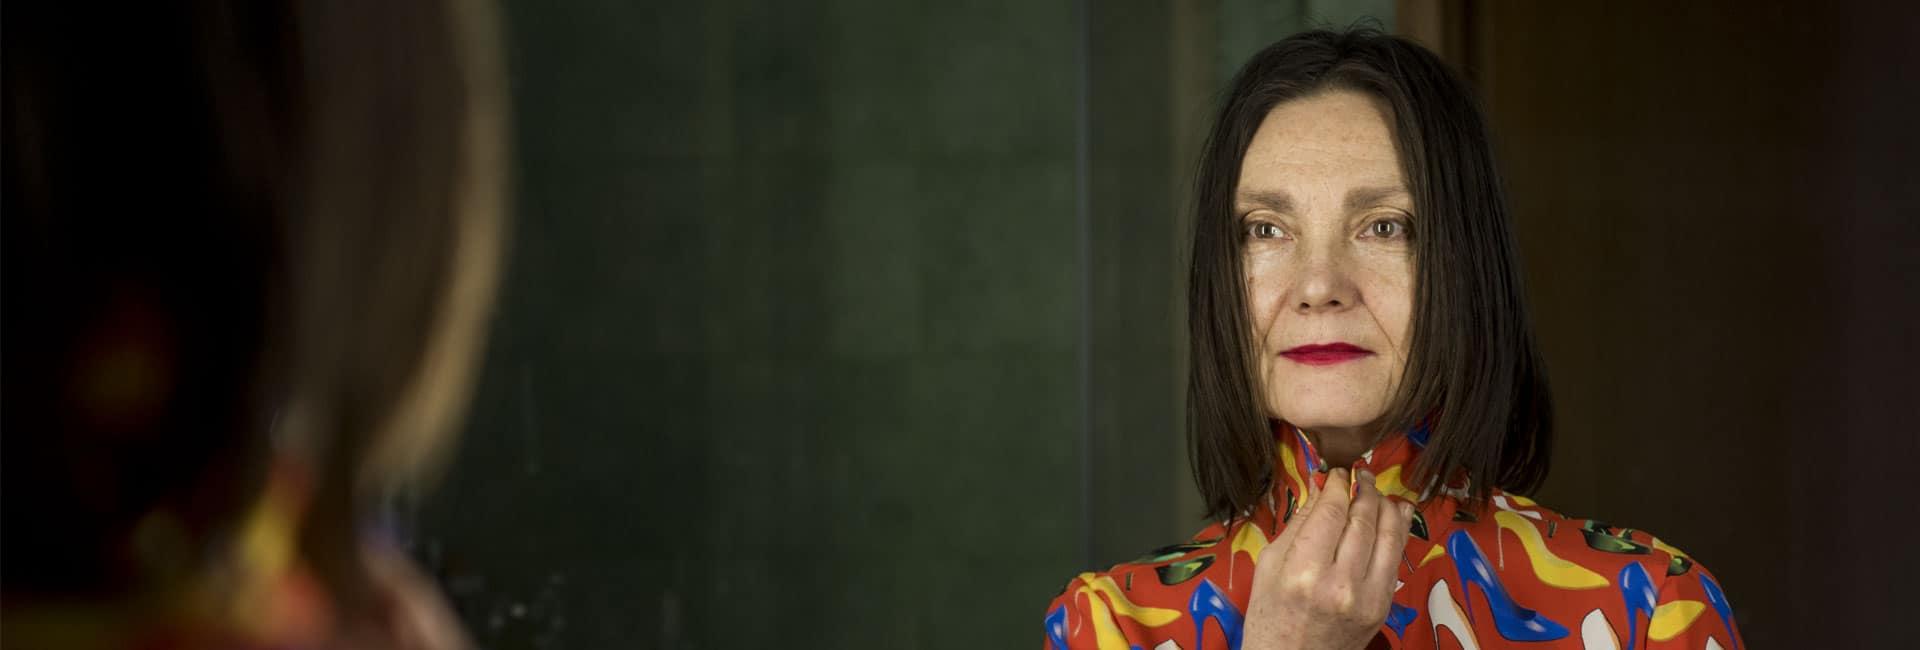 Katarzyna Kozyra, The Katarzyna Kozyra Foundation